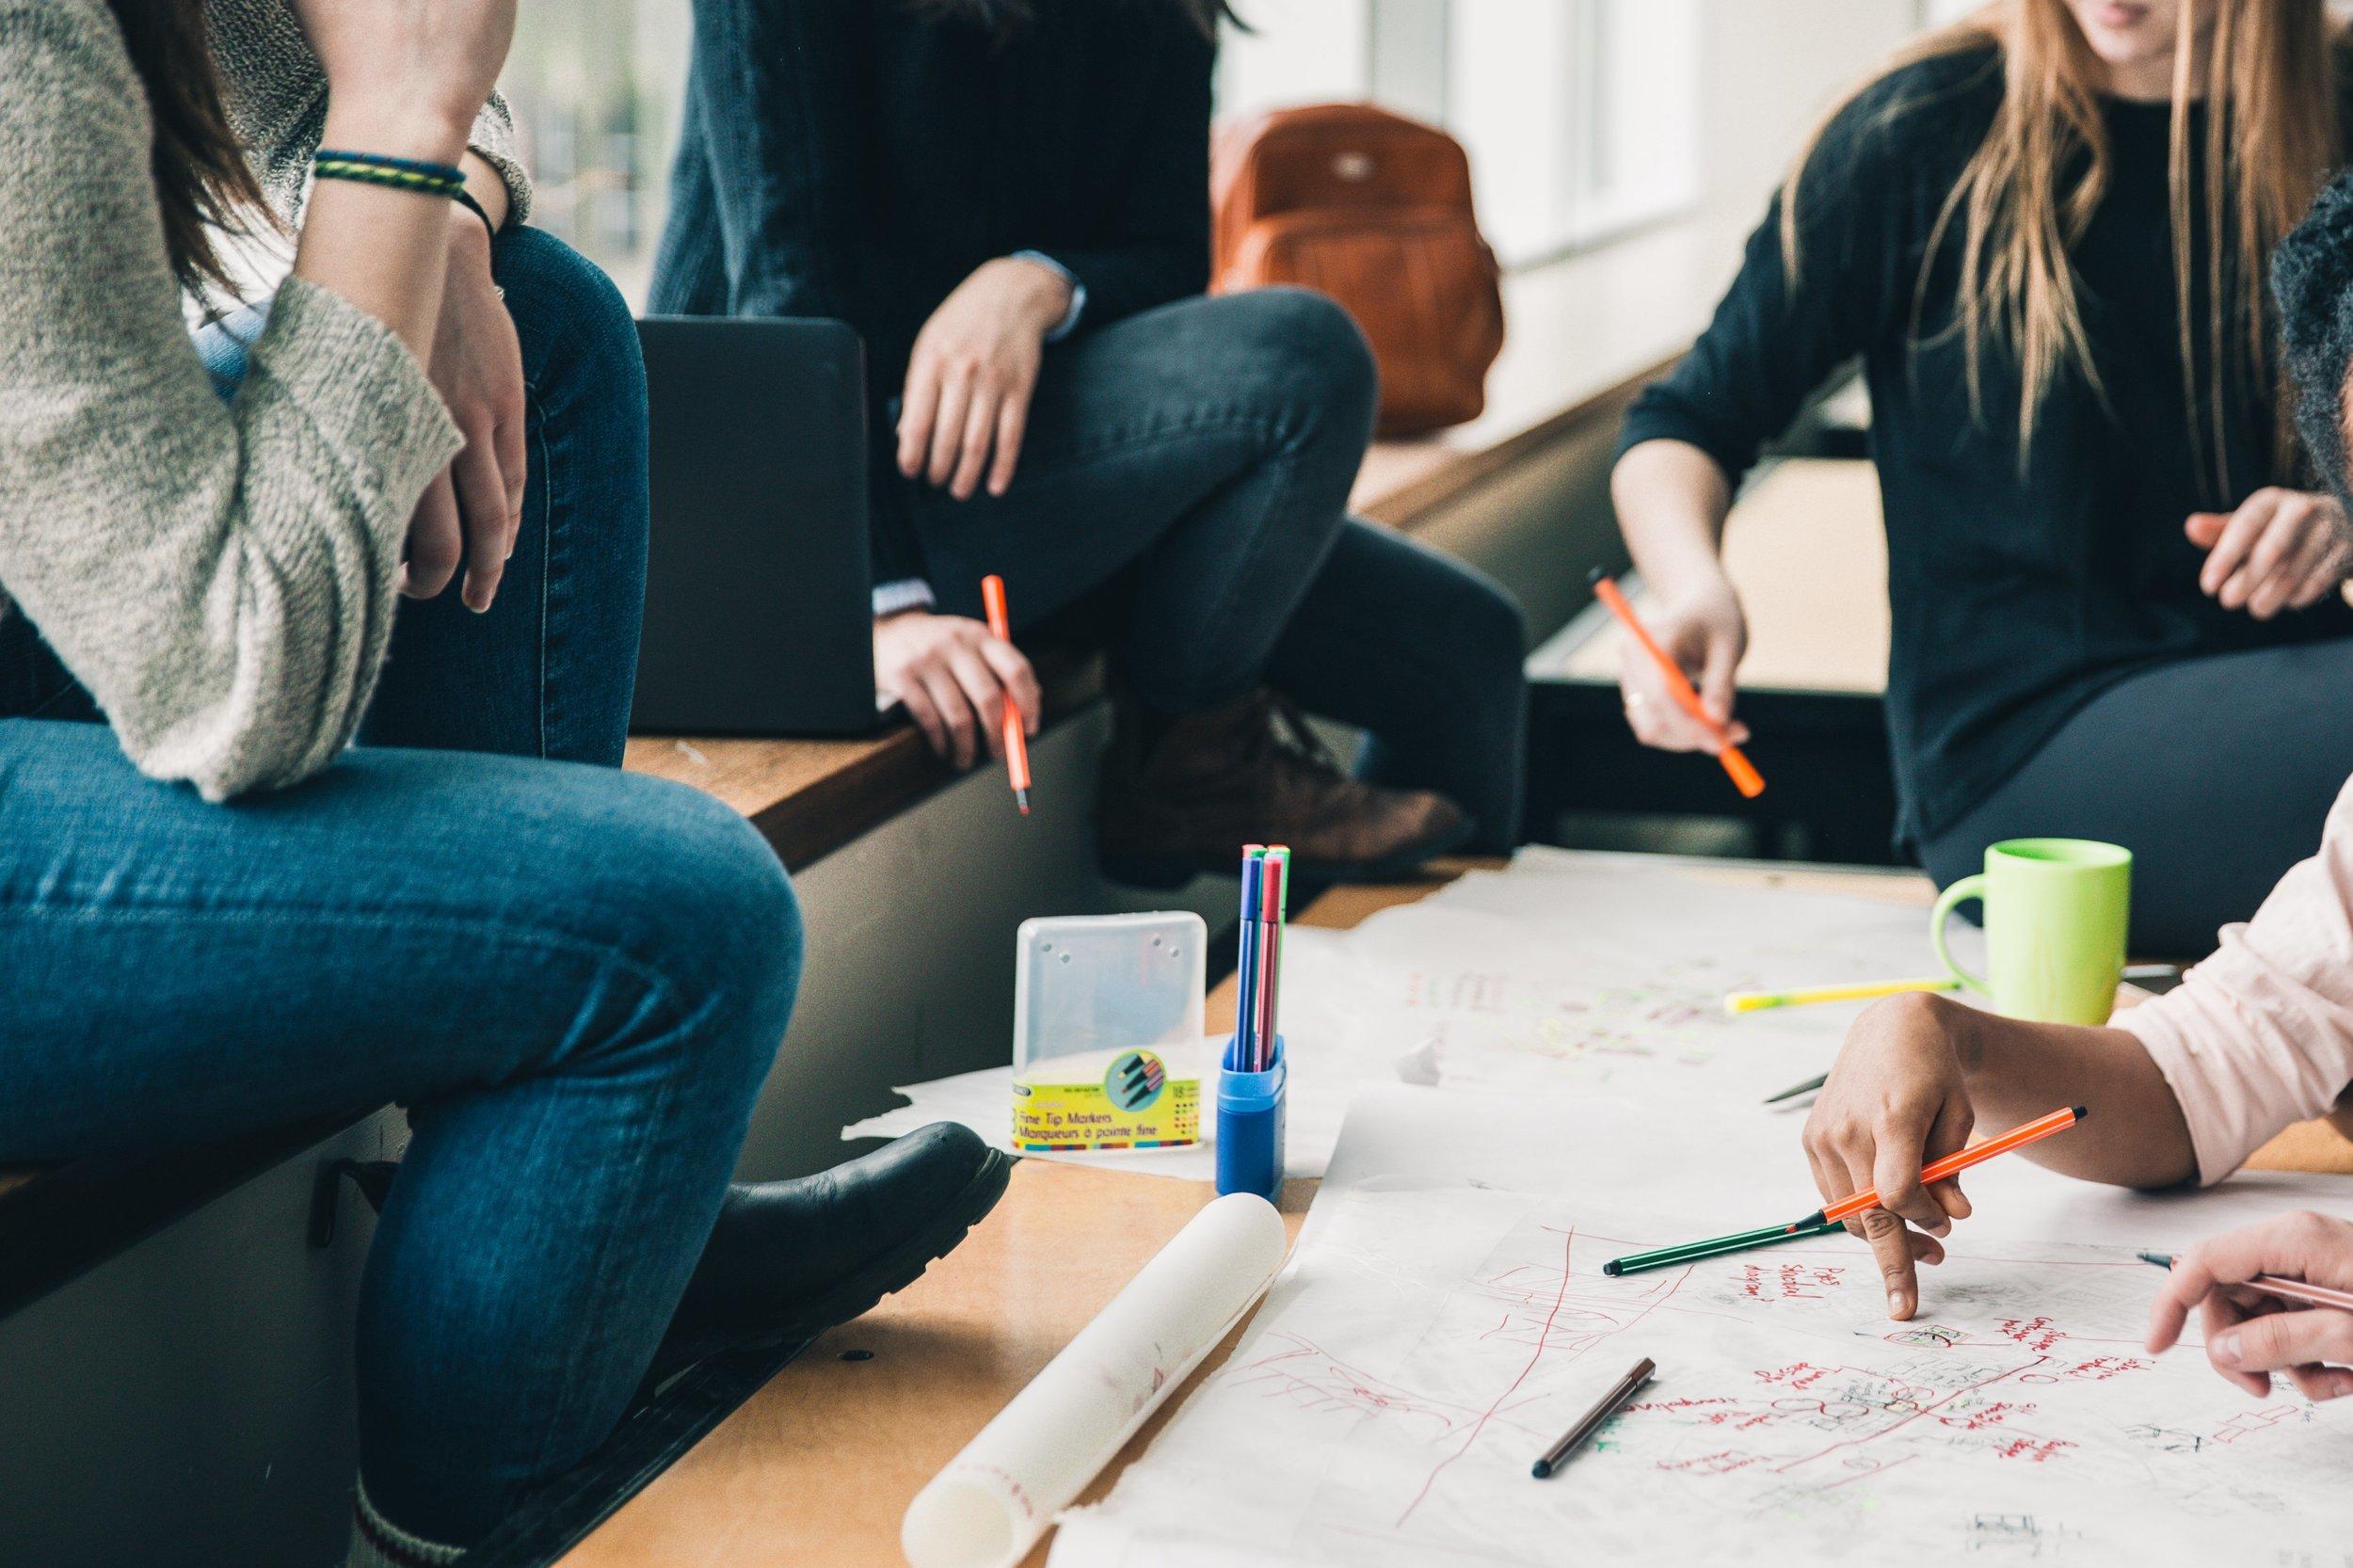 Lönelotsskola – kurs i lönekartläggning Lär dig göra egna lönekartläggningar!   Du är varmt välkommen till  Lönelotsarnas fortsättningskurs i lönekartläggningar!   I halvdagsutbildningen får du en fördjupad kunskap för att kunna genomföra en väl genomarbetad lönekartläggning i din organisation. Vi går igenom de vanligaste utmaningarna i processen, gör en djupdykning i arbetsvärderingsmomentet och tittar på hur ni kan dokumentera arbetet samt upprätta en god åtgärdsplan. Du får också möjlighet att ställa alla de frågor du har.  Nästa kurstillfälle är den 21 november.